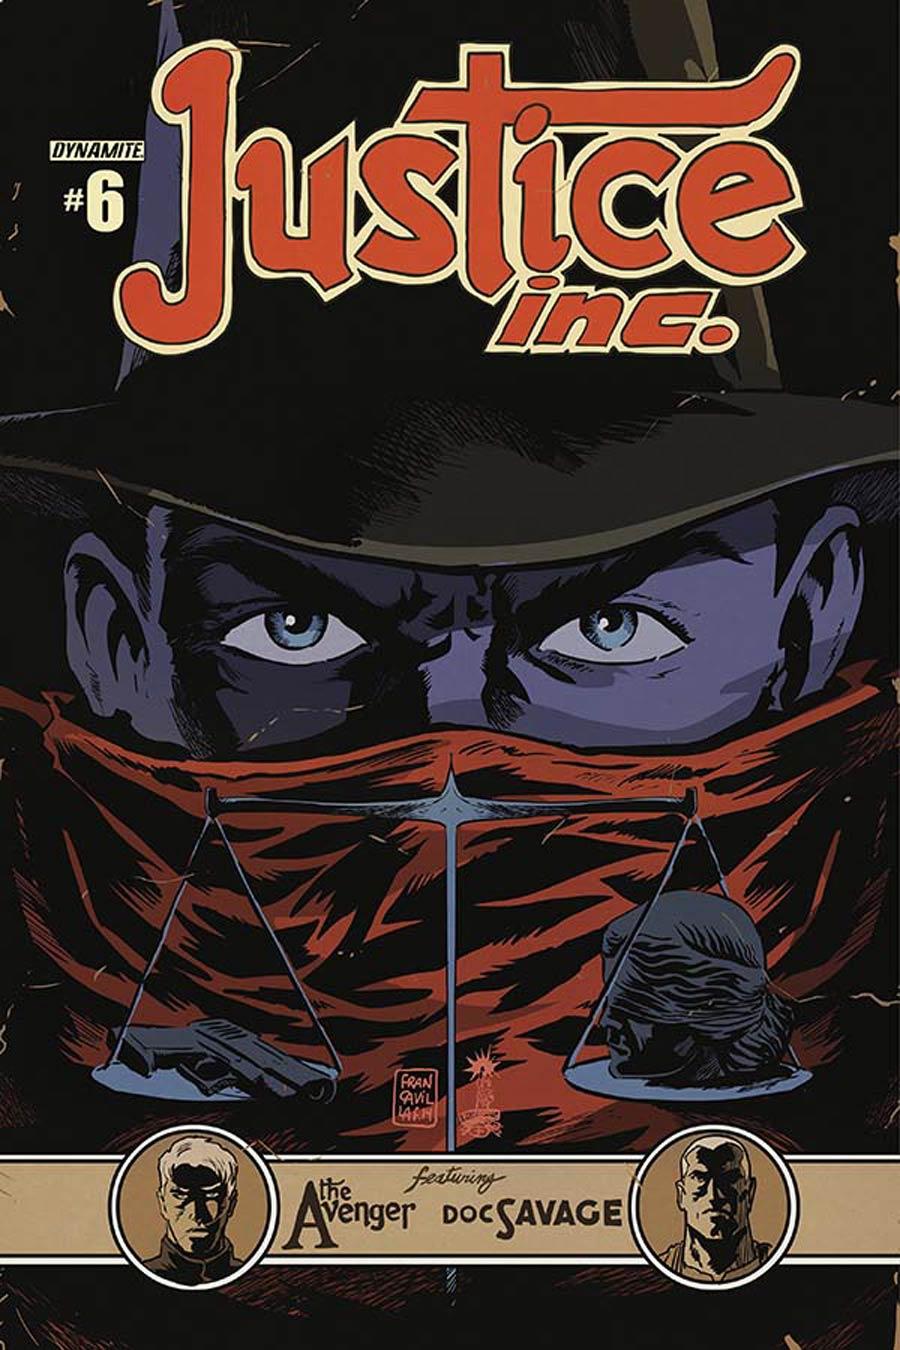 Justice Inc Vol 3 #6 Cover B Variant Francesco Francavilla Cover